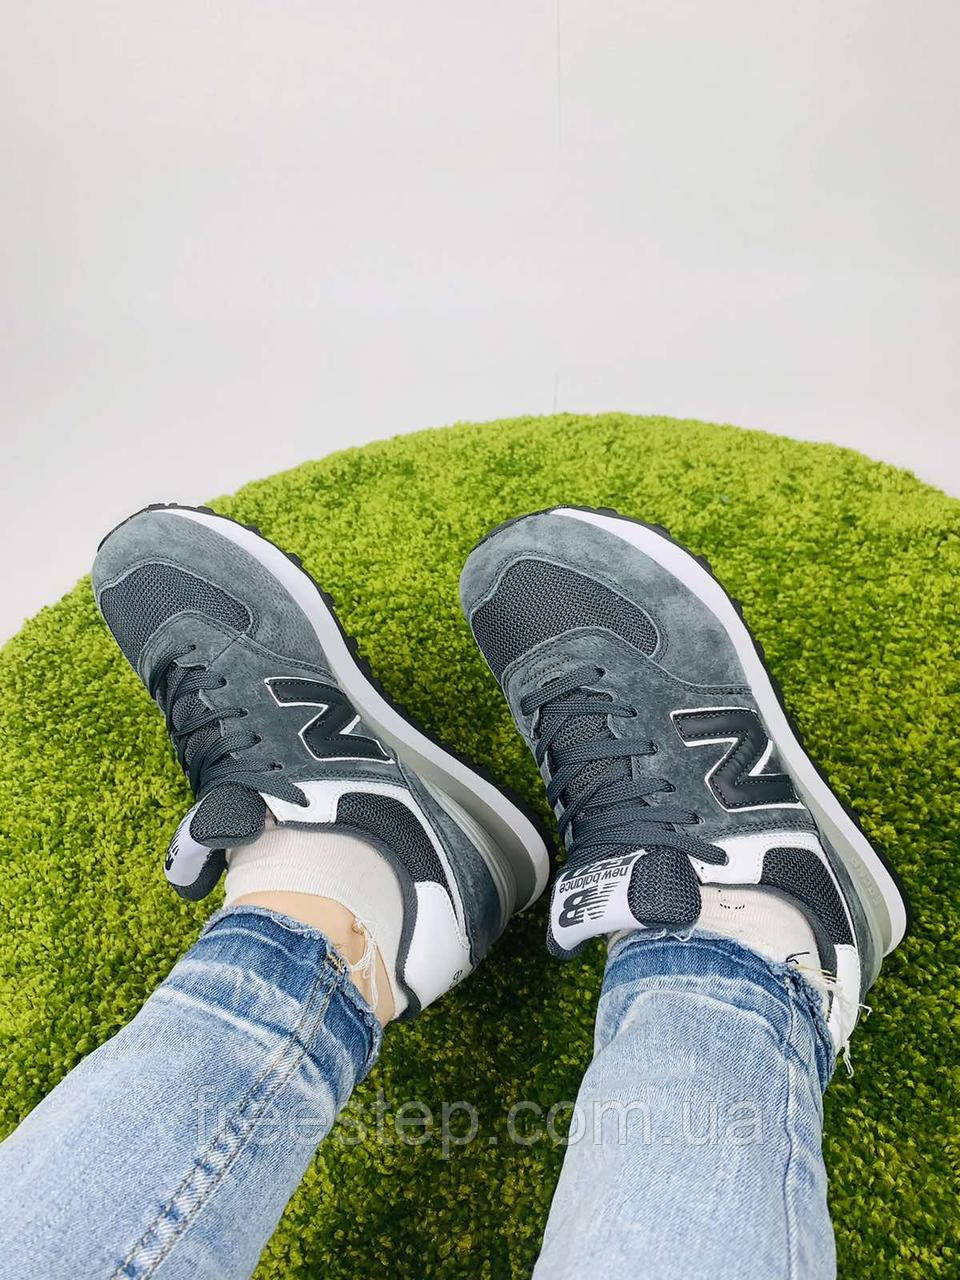 Жіночі кросівки в стилі New Balance 574 сірі з білим